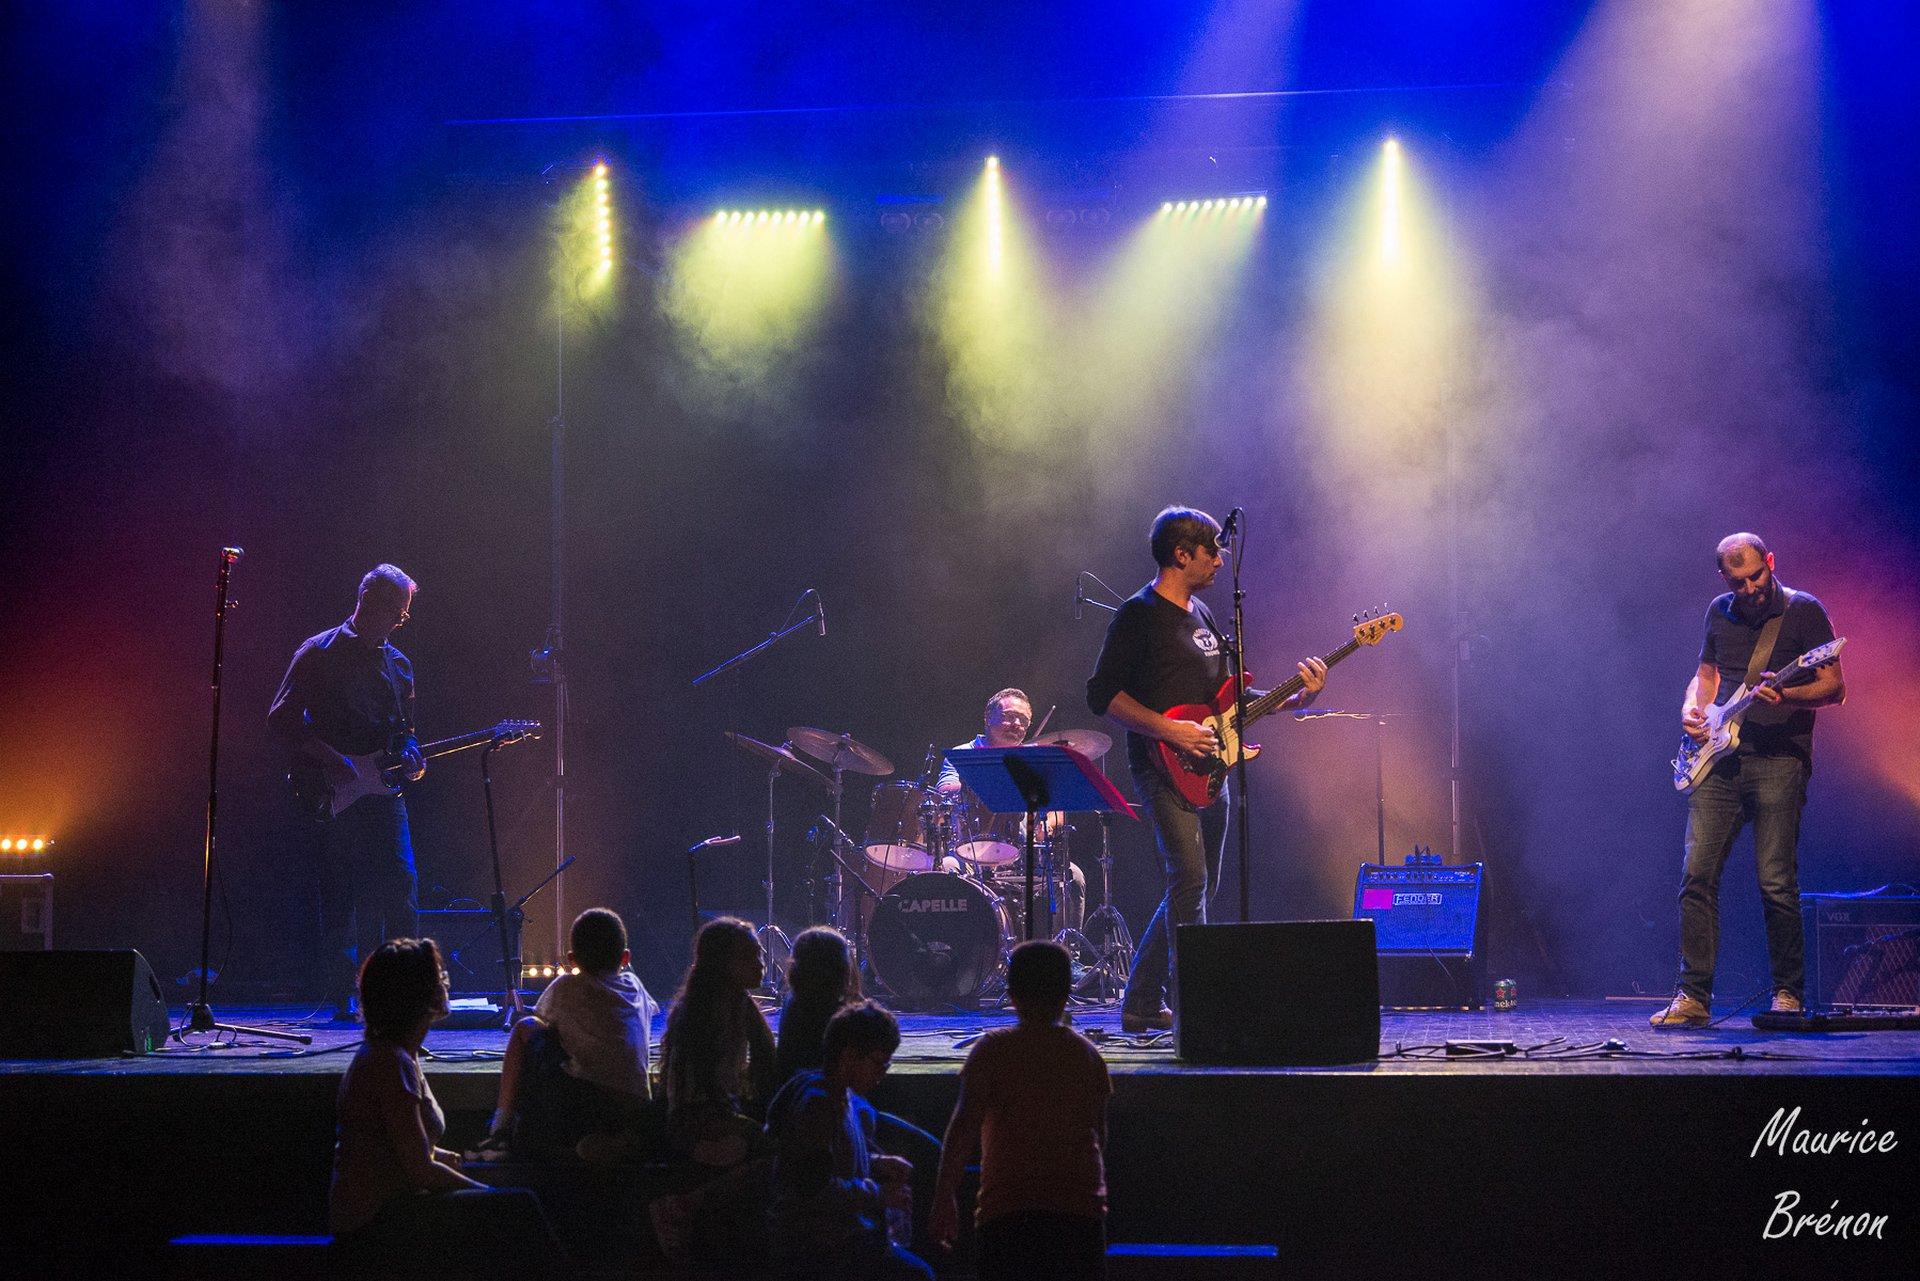 Concert Ecole musique_48_MB_DSC6385